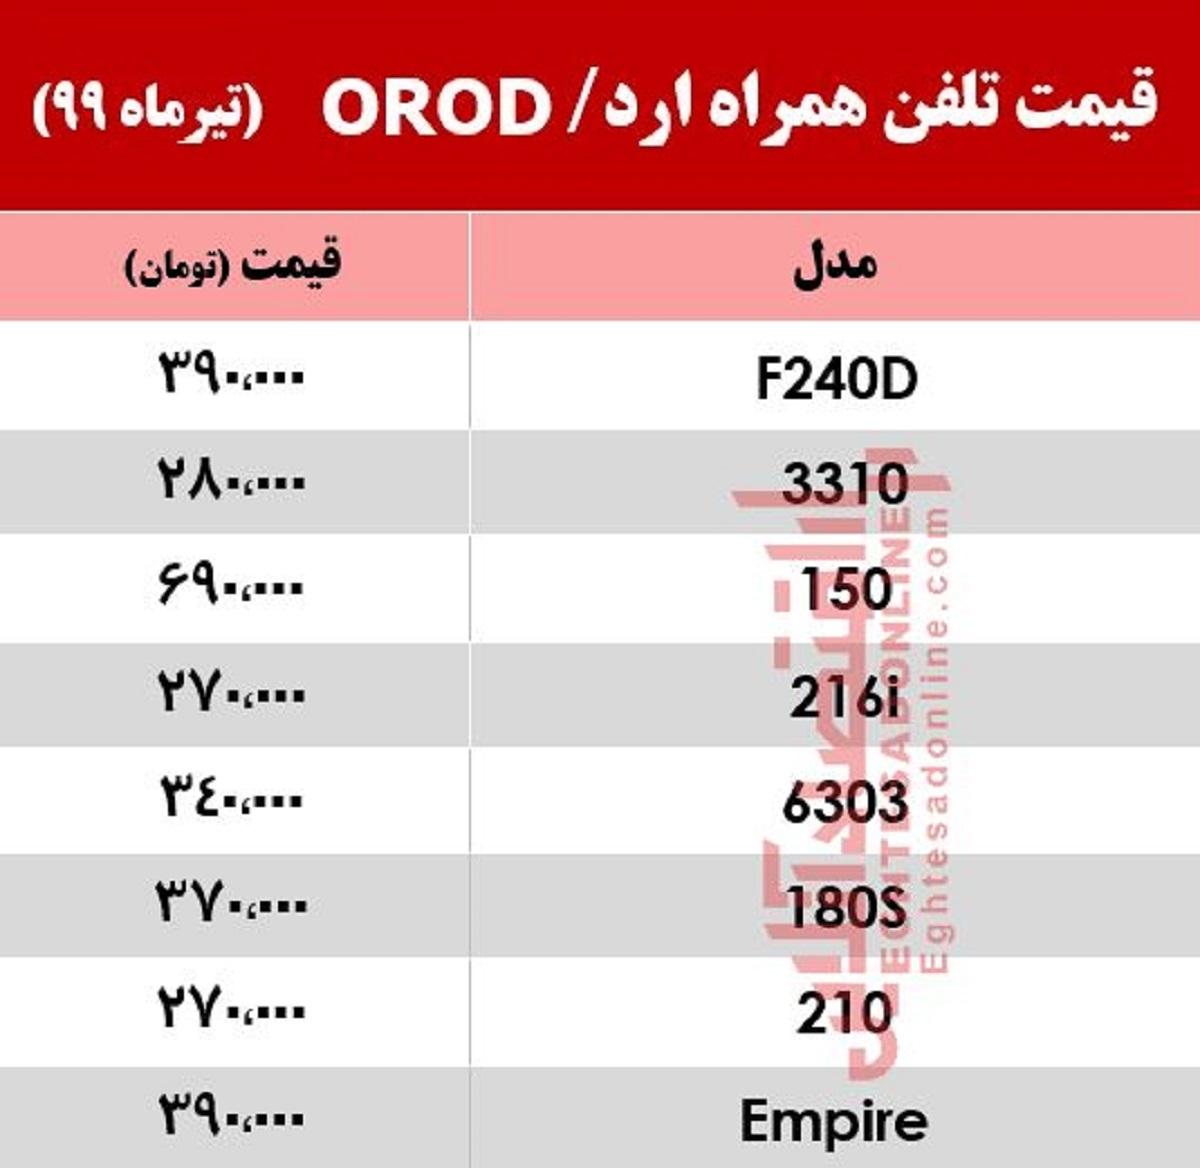 قیمت موبایل ارد